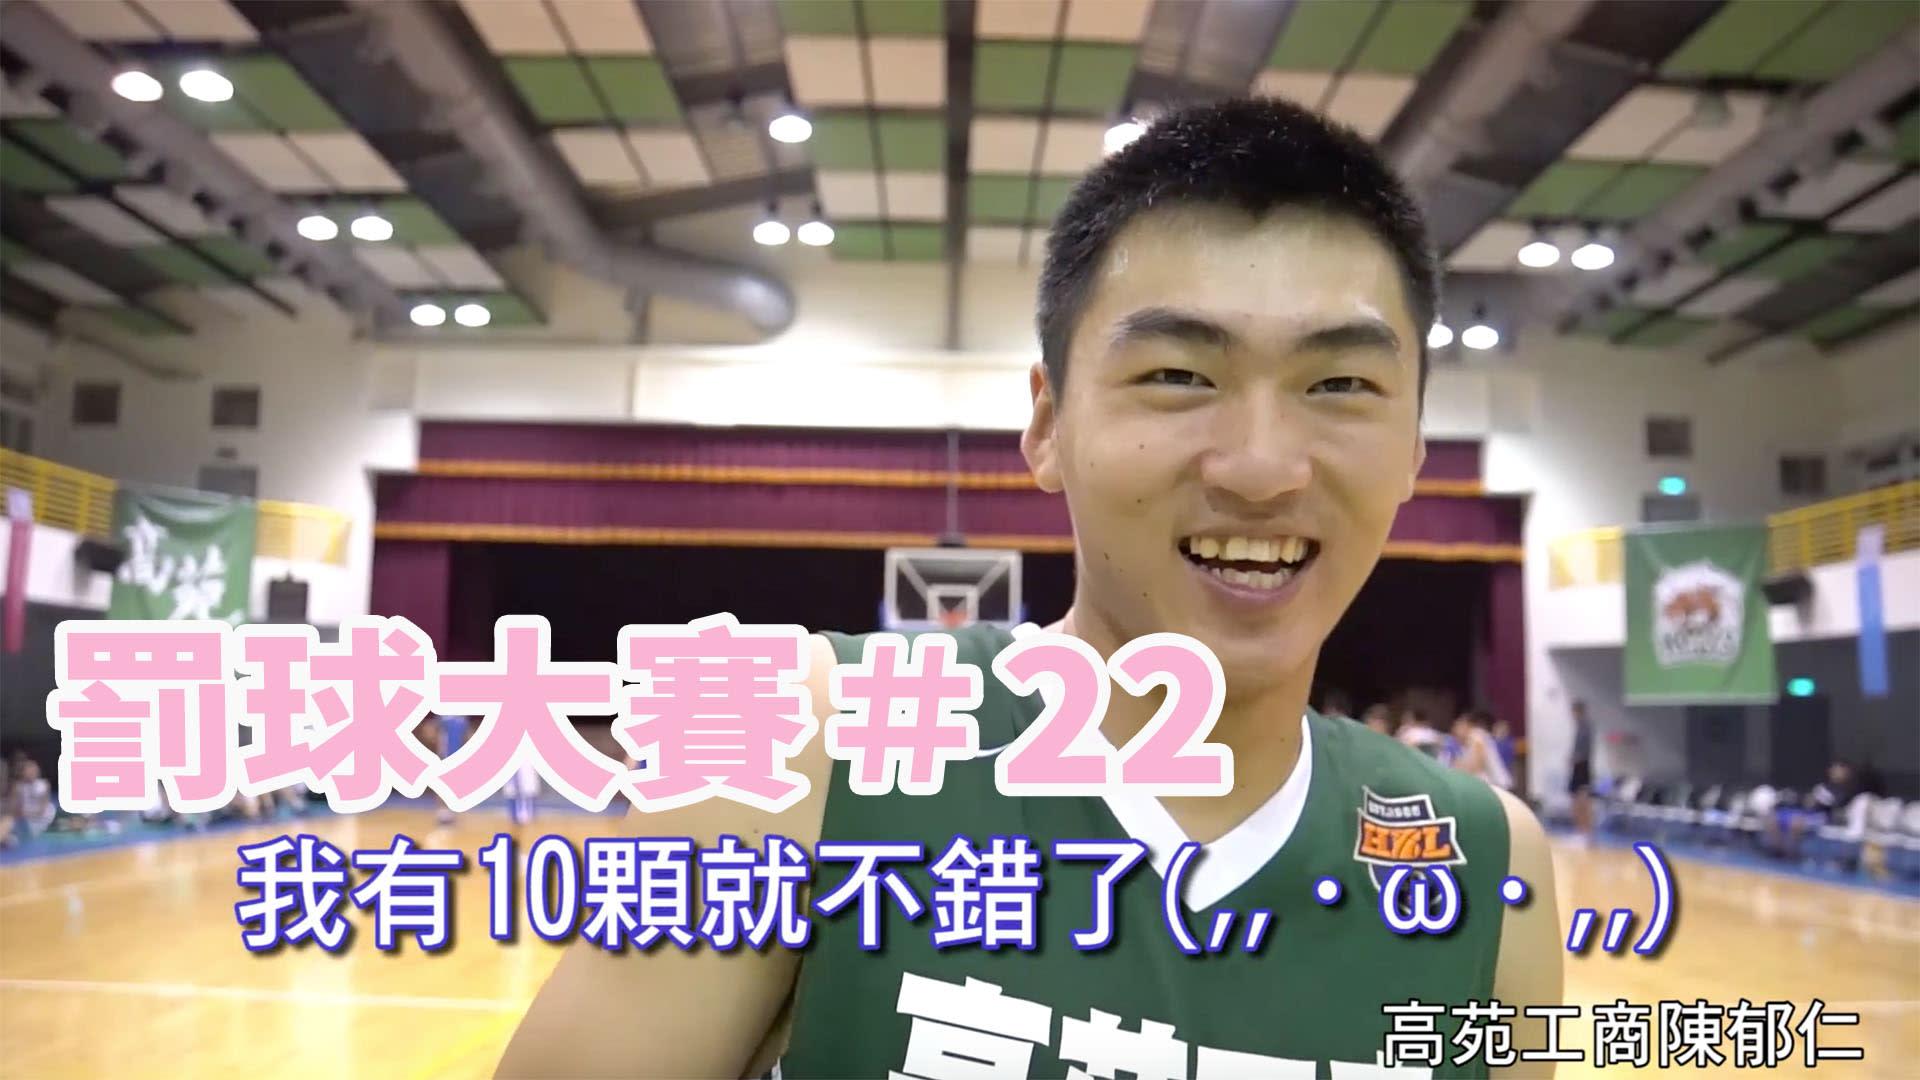 罰球大賽#22 高苑工商 陳郁仁